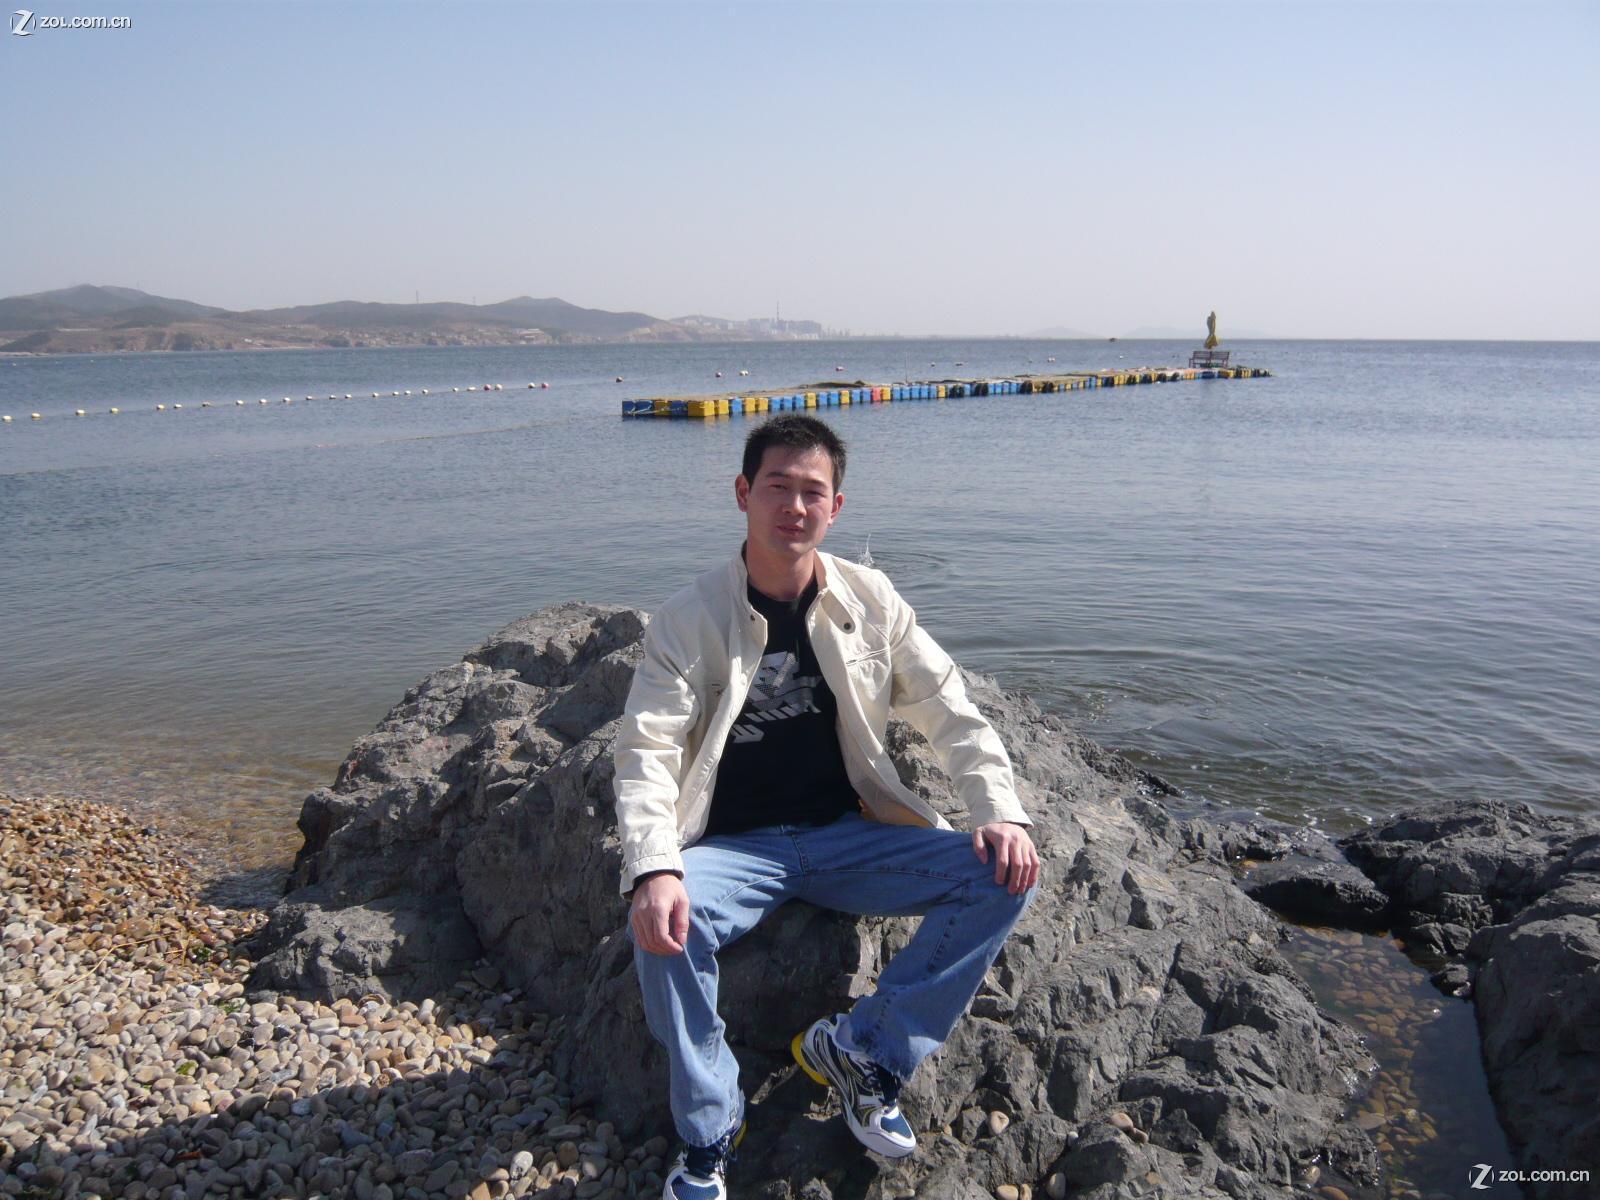 【看看大连的海边】自然风景--zol中关村在线